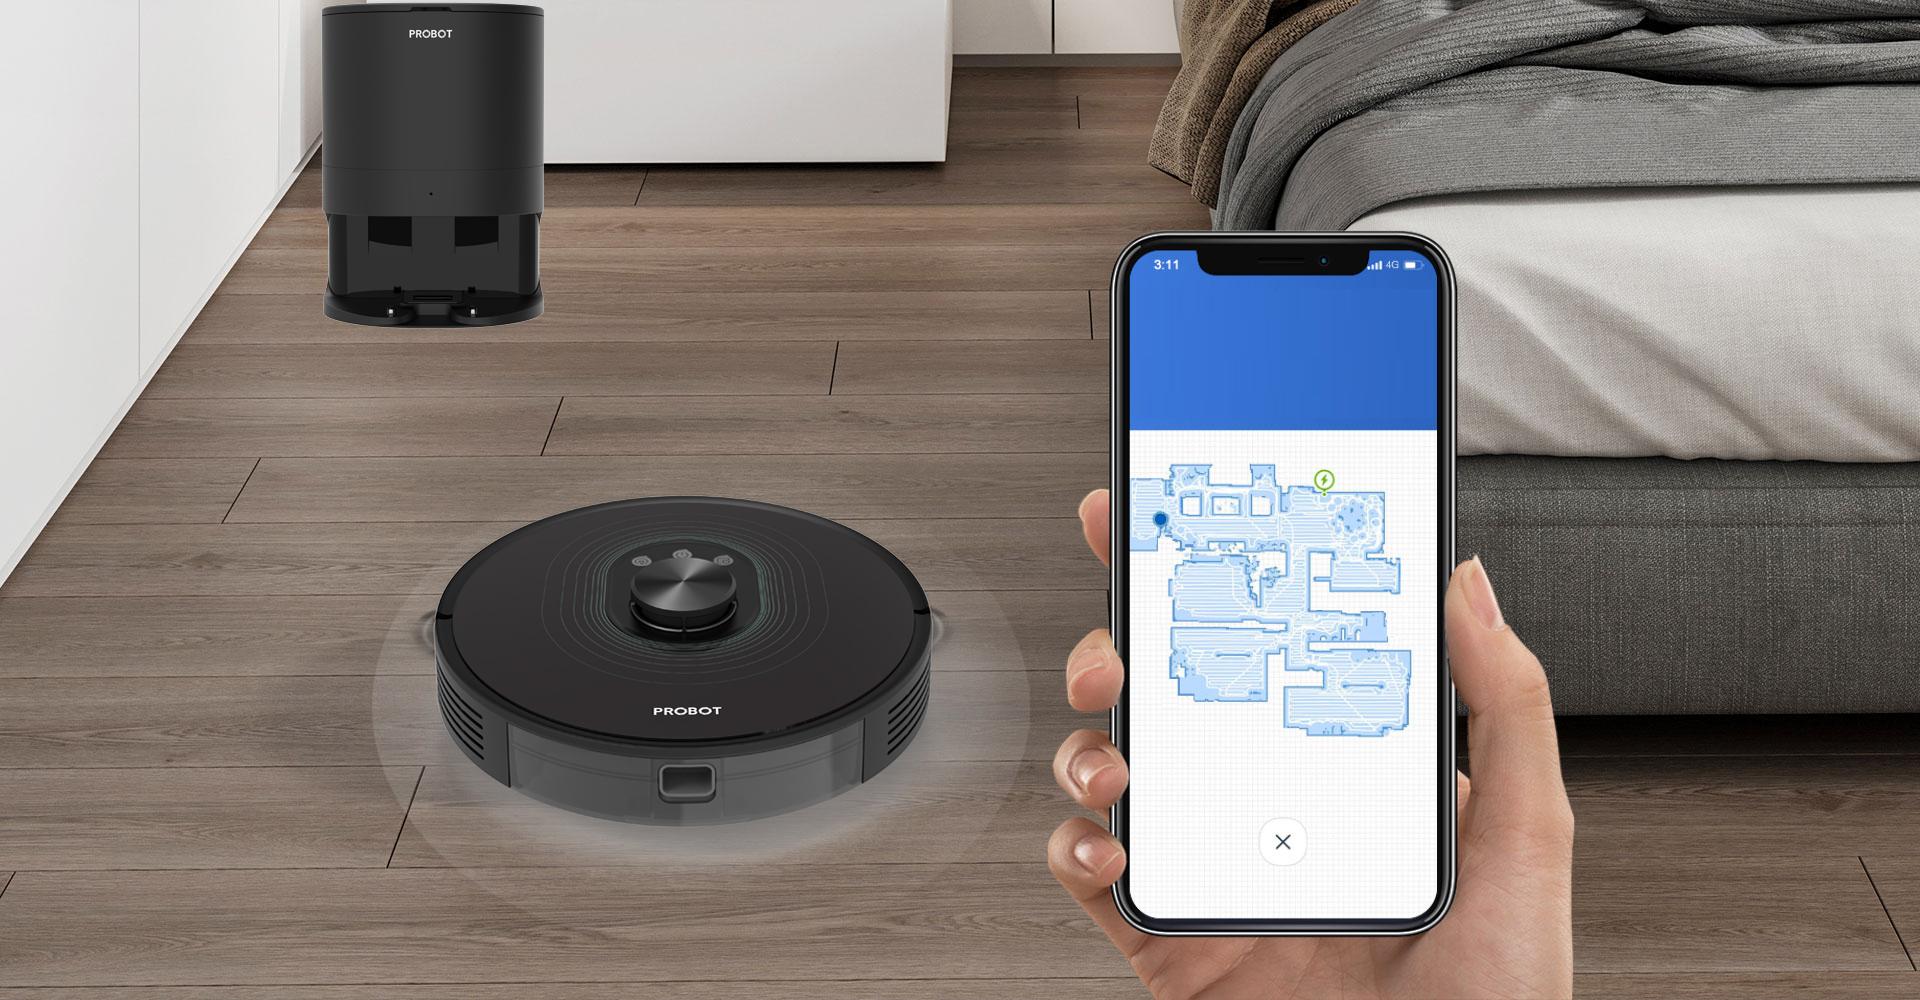 ProbotHome, ứng dụng giúp người dùng tiếp cận tốt với công nghệ trong việc sử dụng robot dọn nhà 4.0